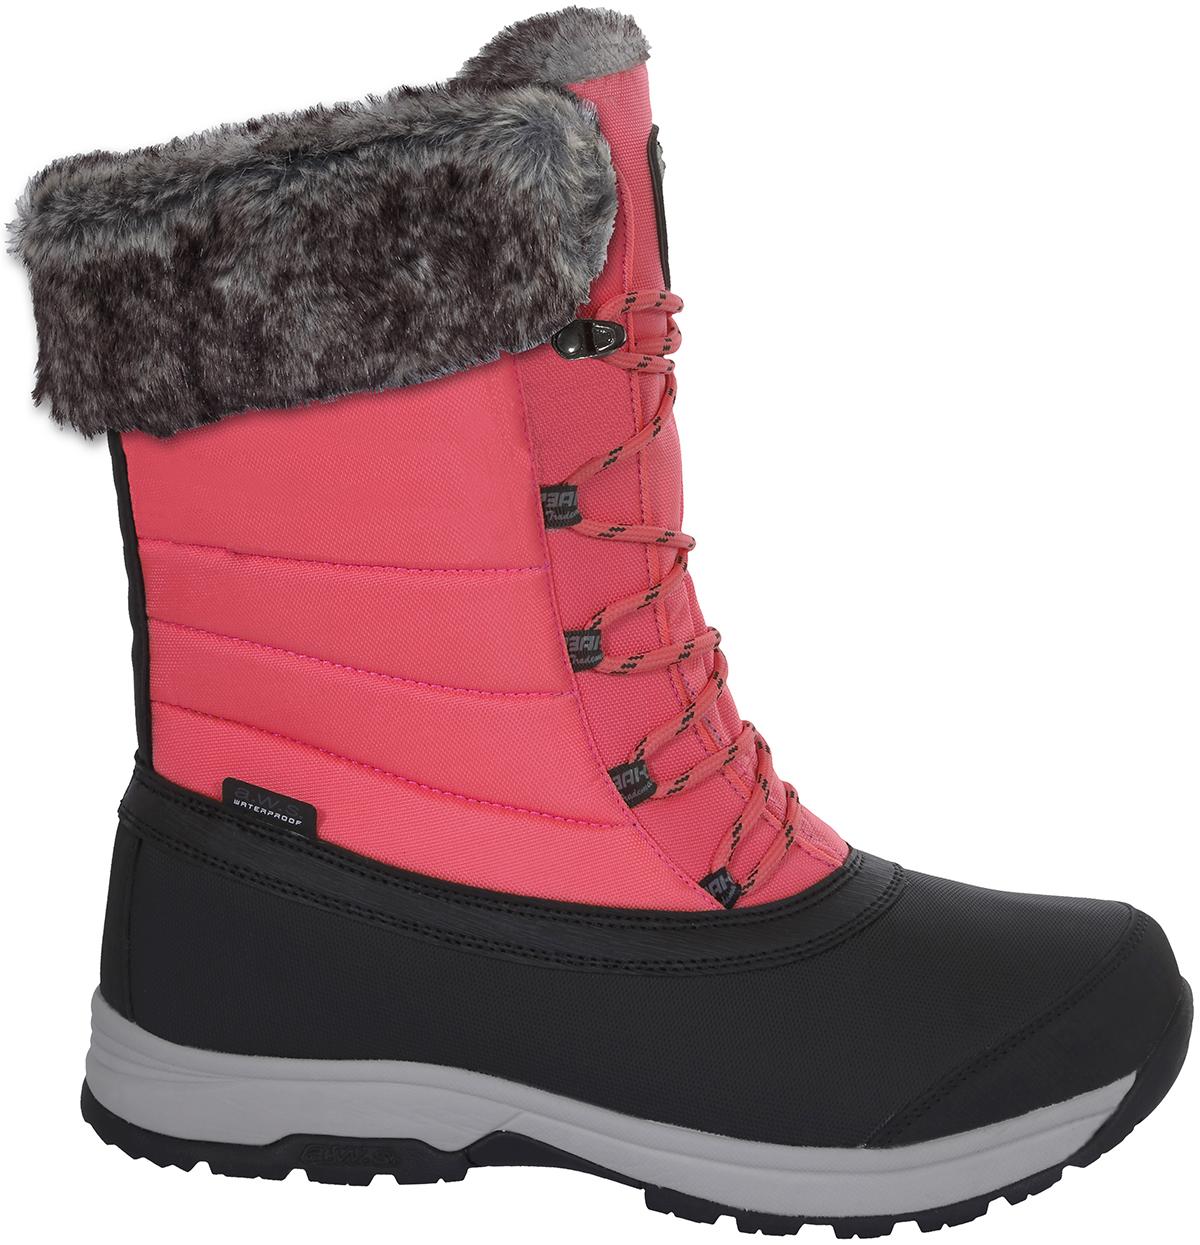 Ботинки женские Icepeak, цвет: розовый, черный. 875218100IV_635. Размер 36 (35)875218100IV_635Женские ботинки от Icepeak выполнены из водонепроницаемого нейлона и полиуретана. Модель фиксируется на ноге с помощью шнуровки. Подкладка из искусственного меха и войлочная стелька обеспечивают мягкость и тепло. Стойкая к истиранию, прочная резиновая подошва гарантирует отличное сцепление с поверхностью.